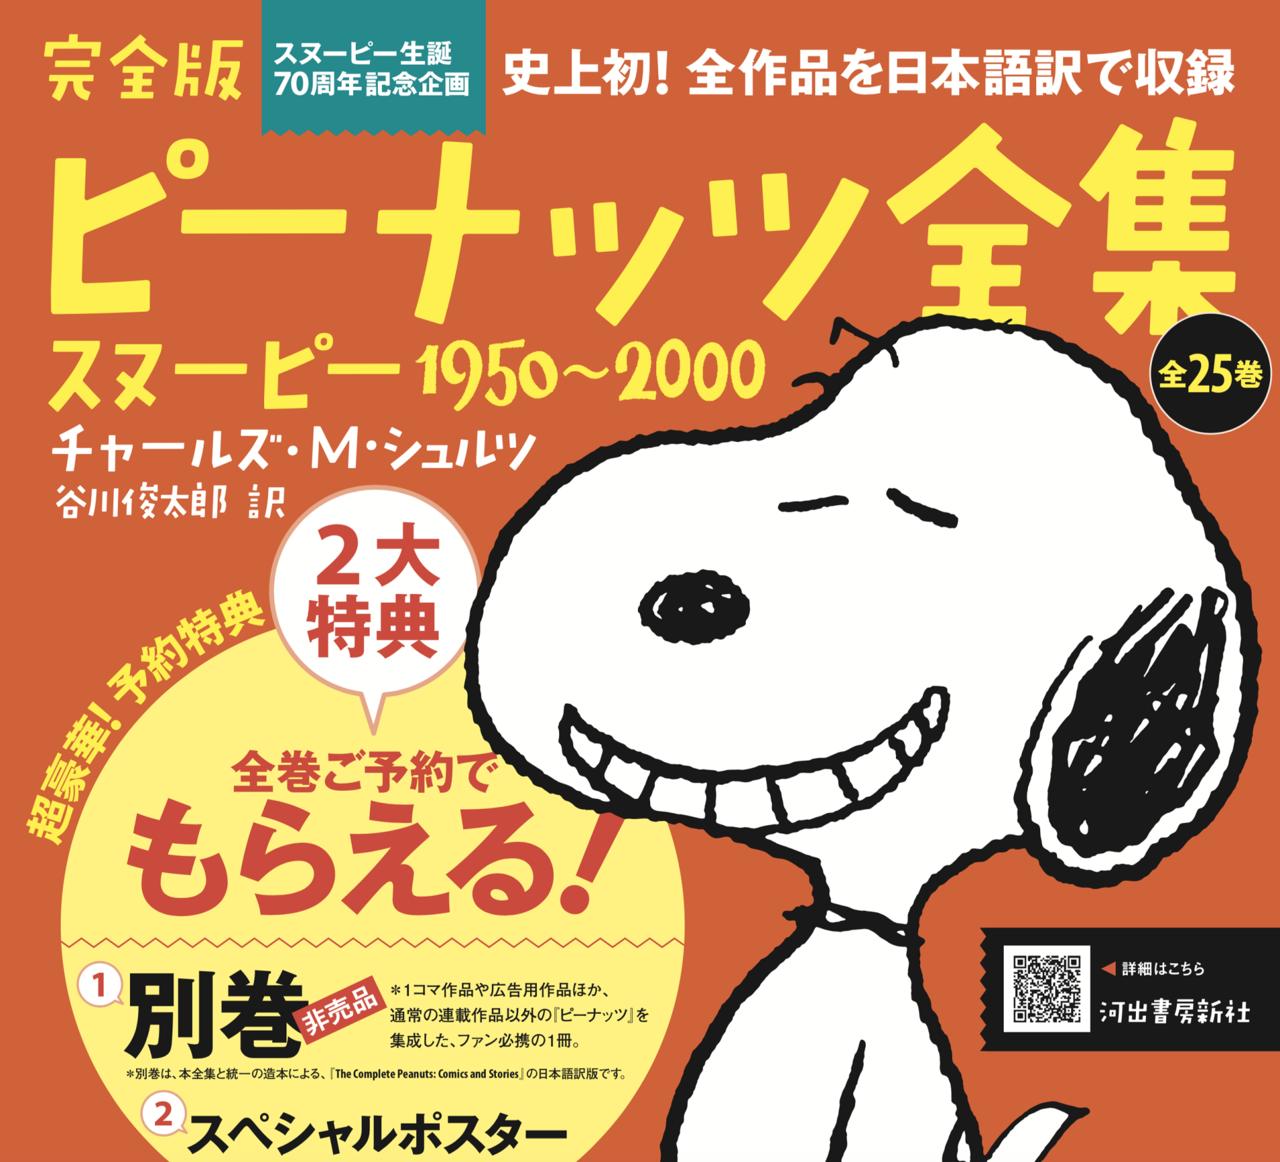 『スヌーピー』ポスターや非売品別巻の豪華特典つき♪『完全版 ピーナッツ全集』予約受付延長!